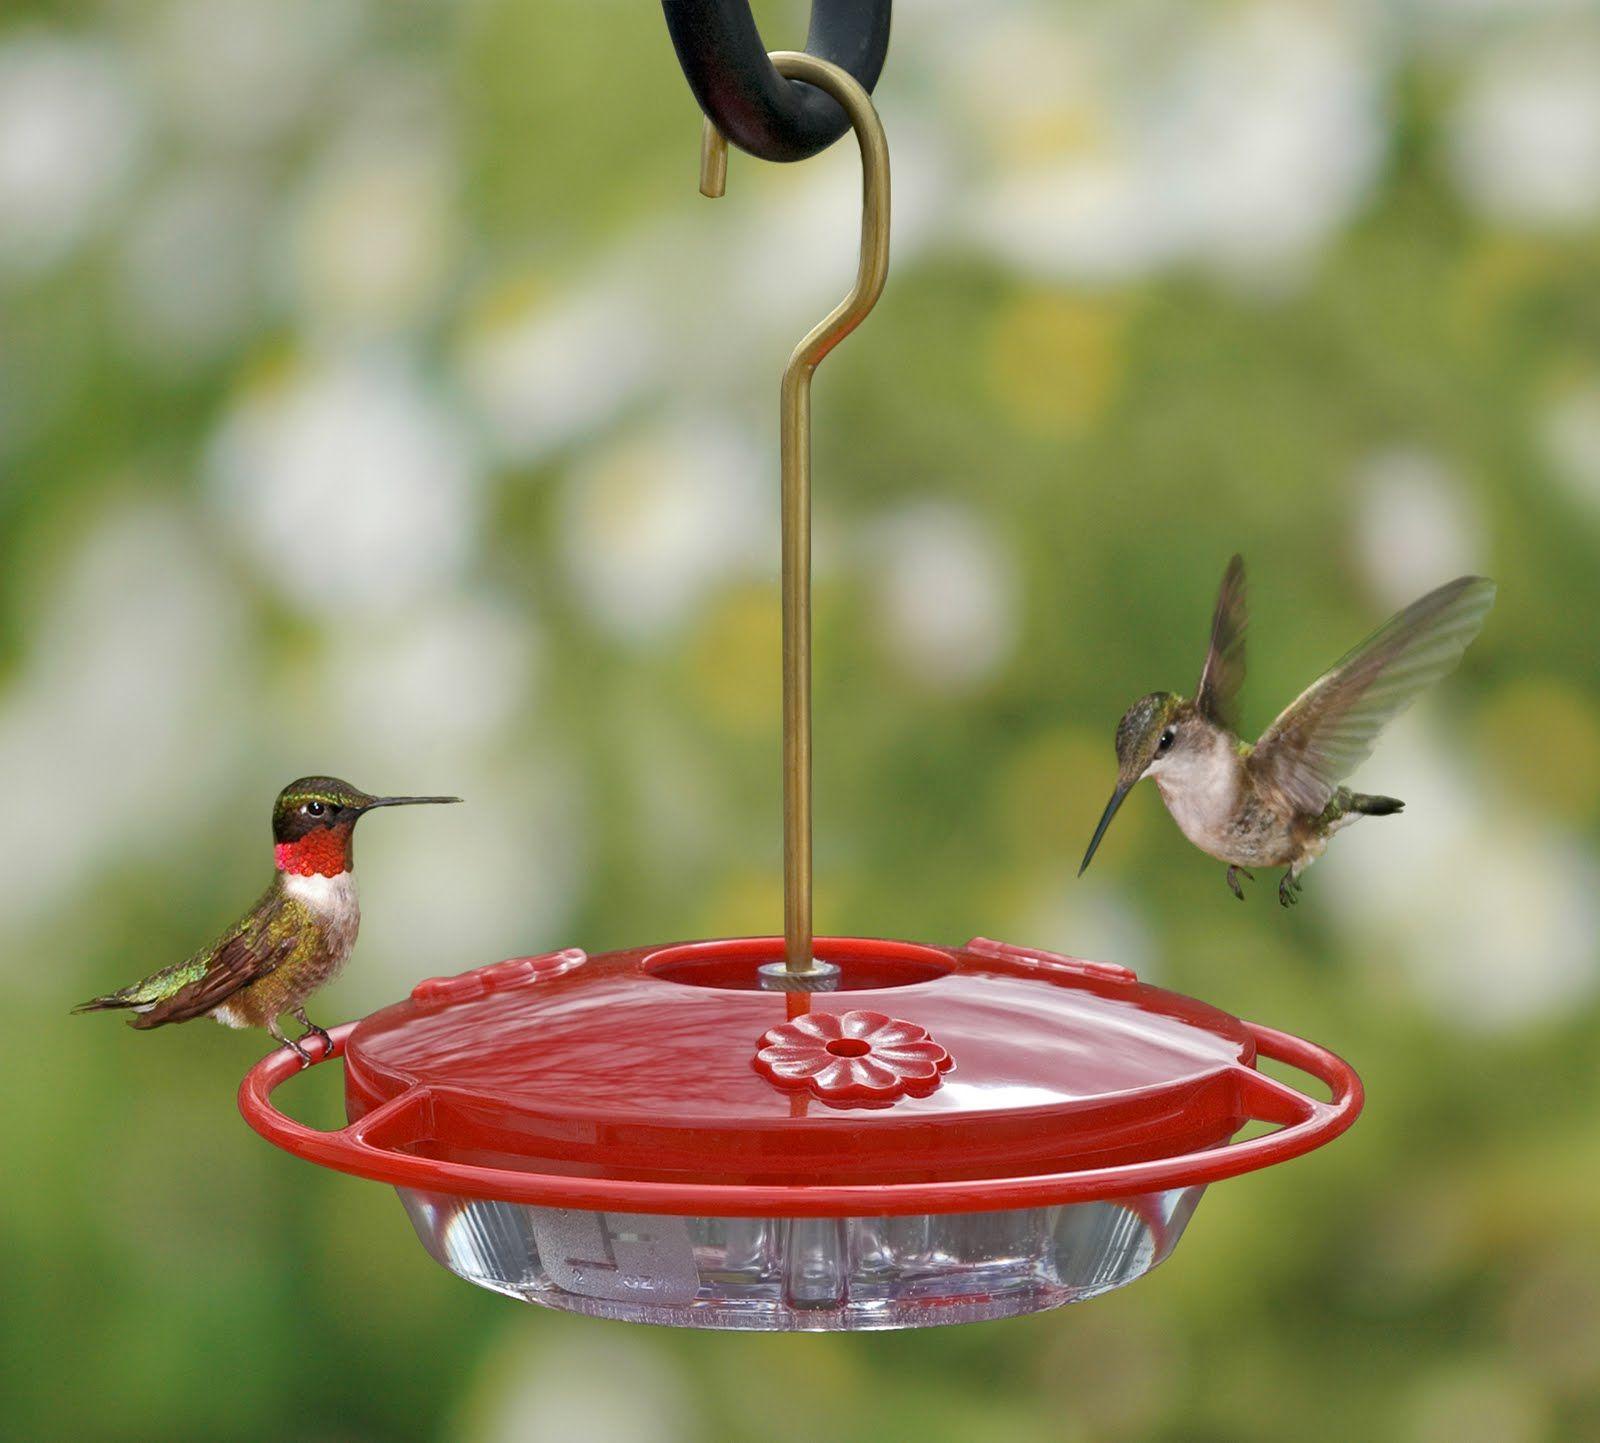 Pin by Letizia Reale Paradiso on Birds...Hummingbirds